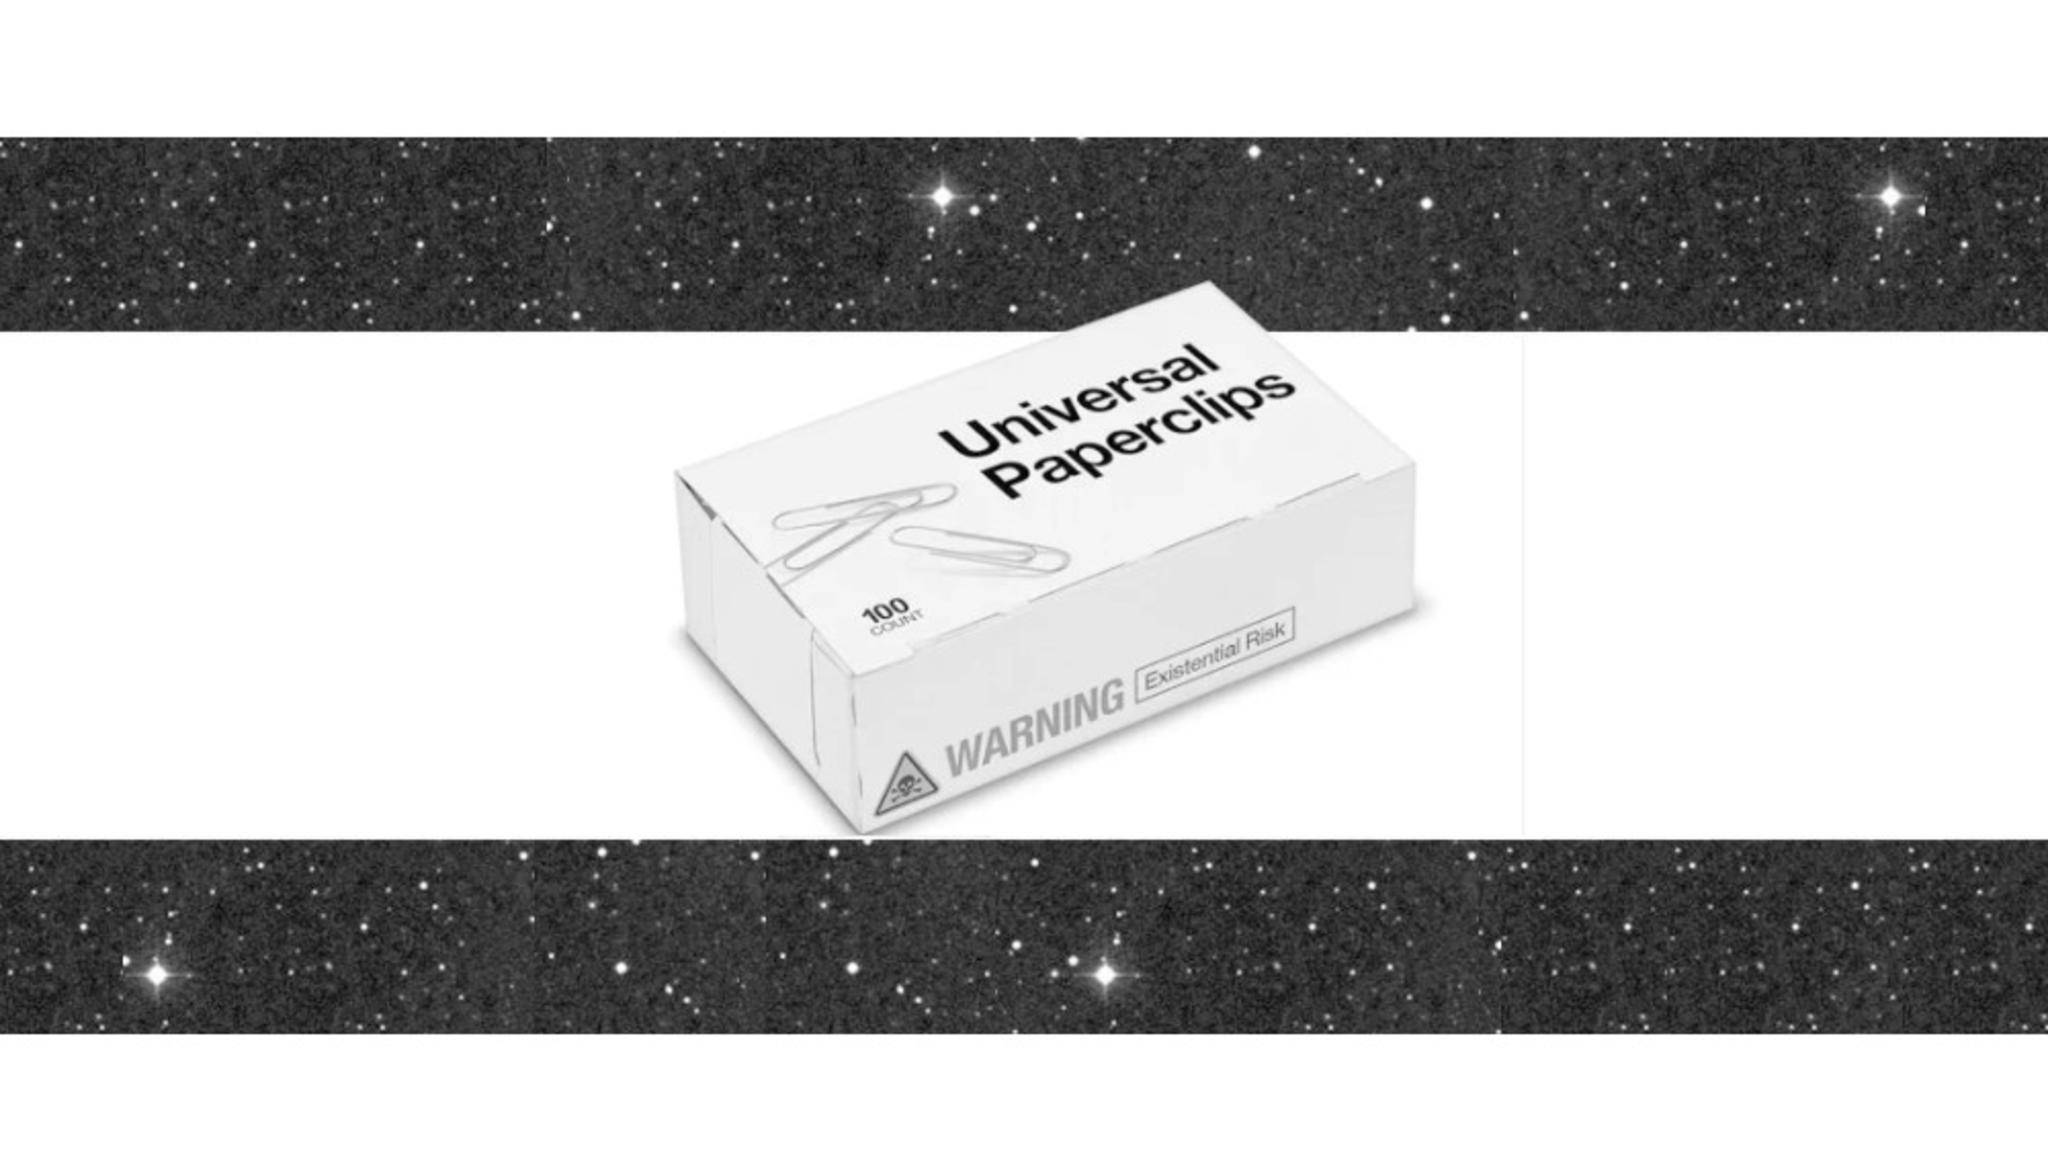 """""""Universal Paperclips"""" sieht harmlos aus, hat es aber in sich."""